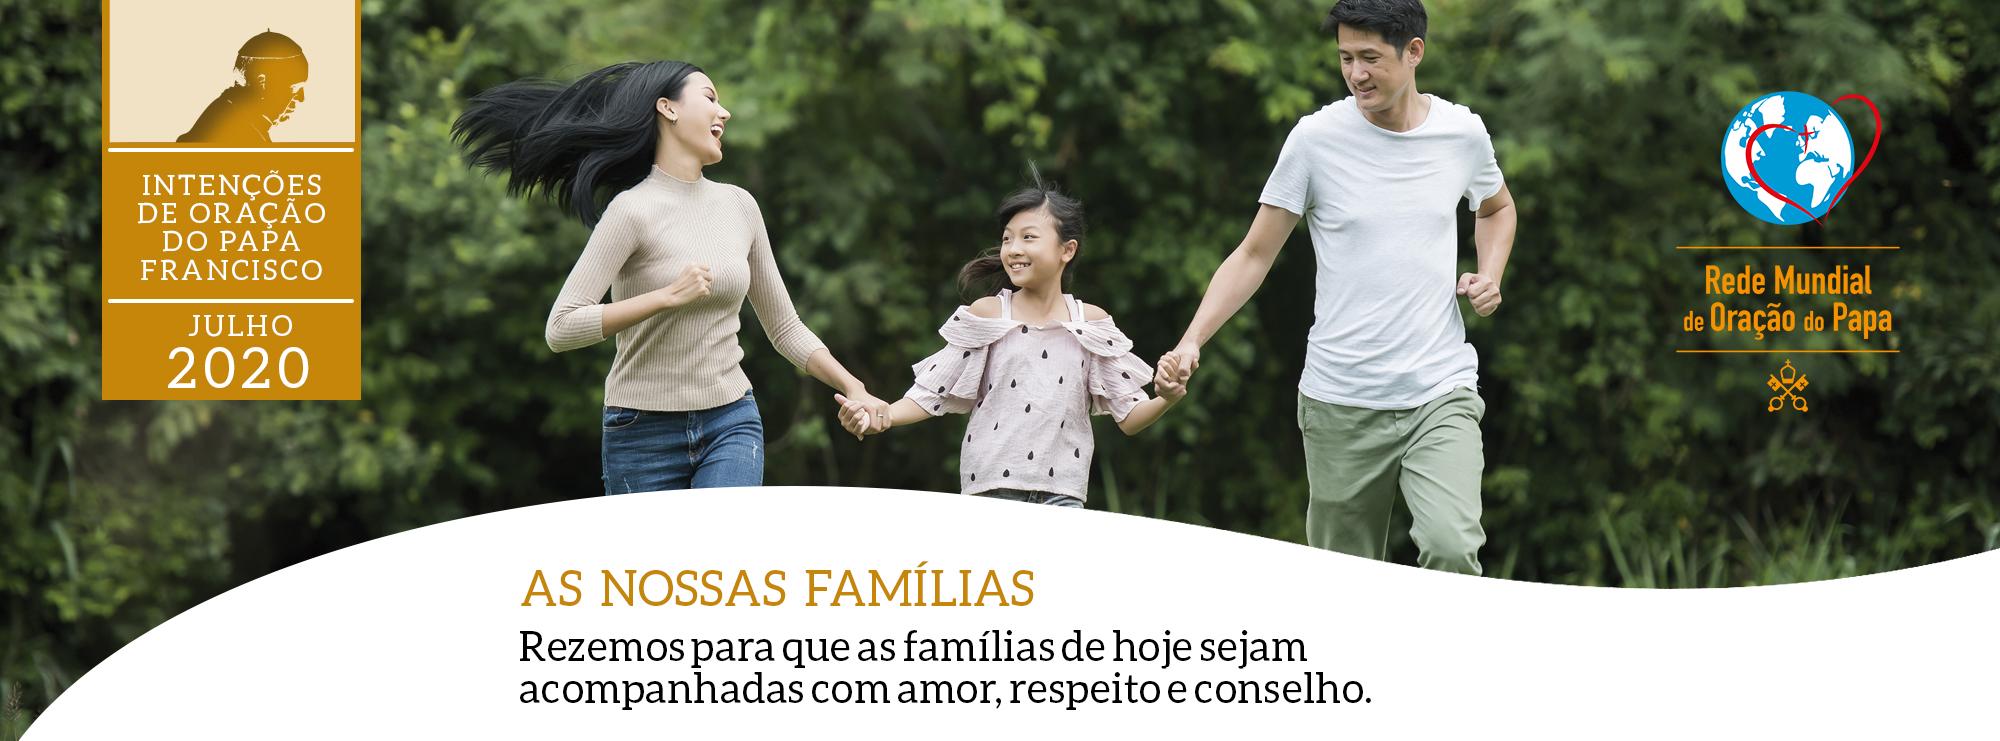 julho as nossas famílias intencoes de oracao do papa francisco rede mundial